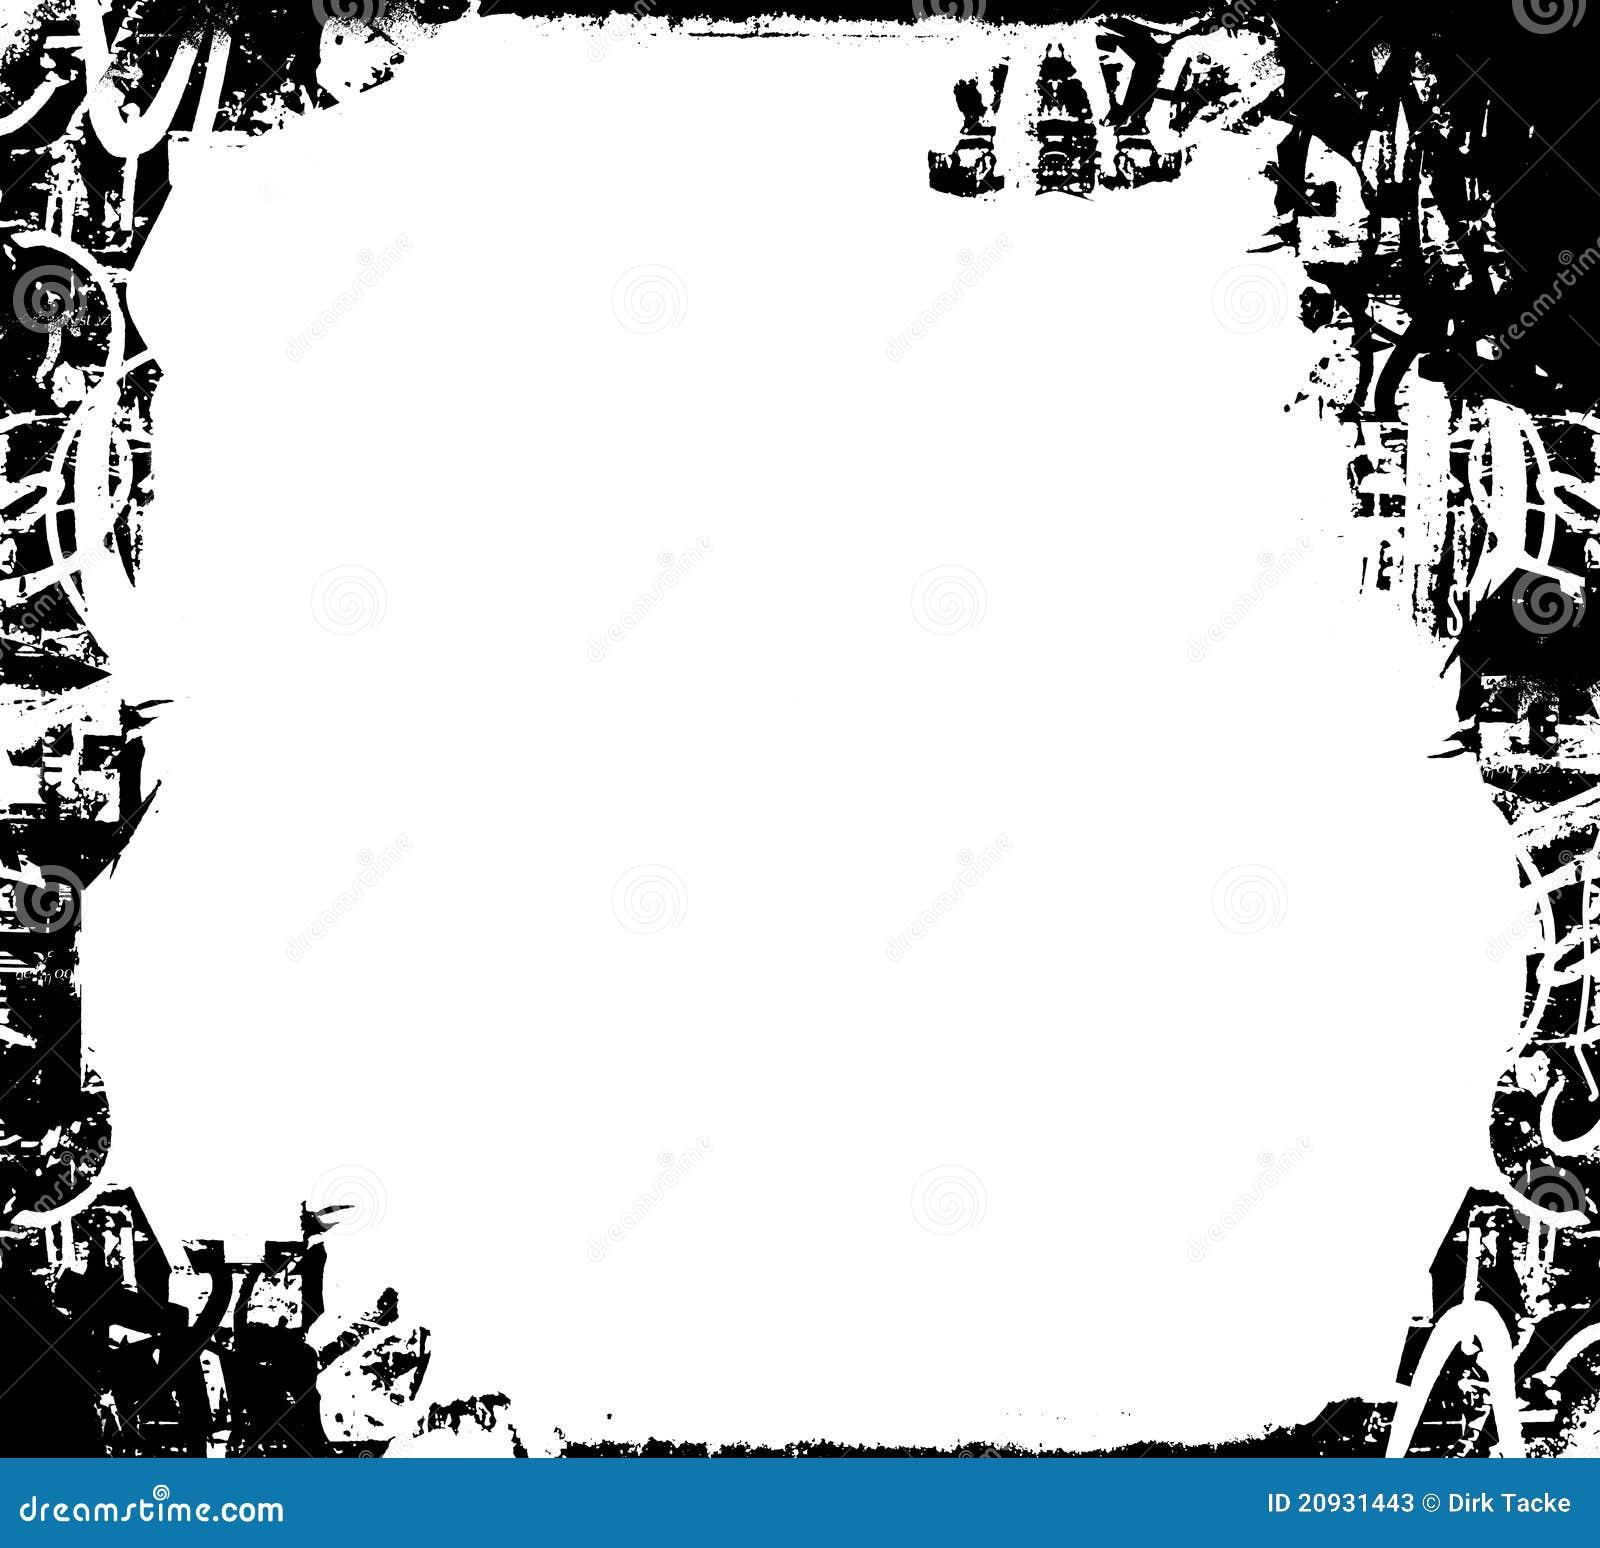 Black And White Grunge Border Stock Photos Image 20931443